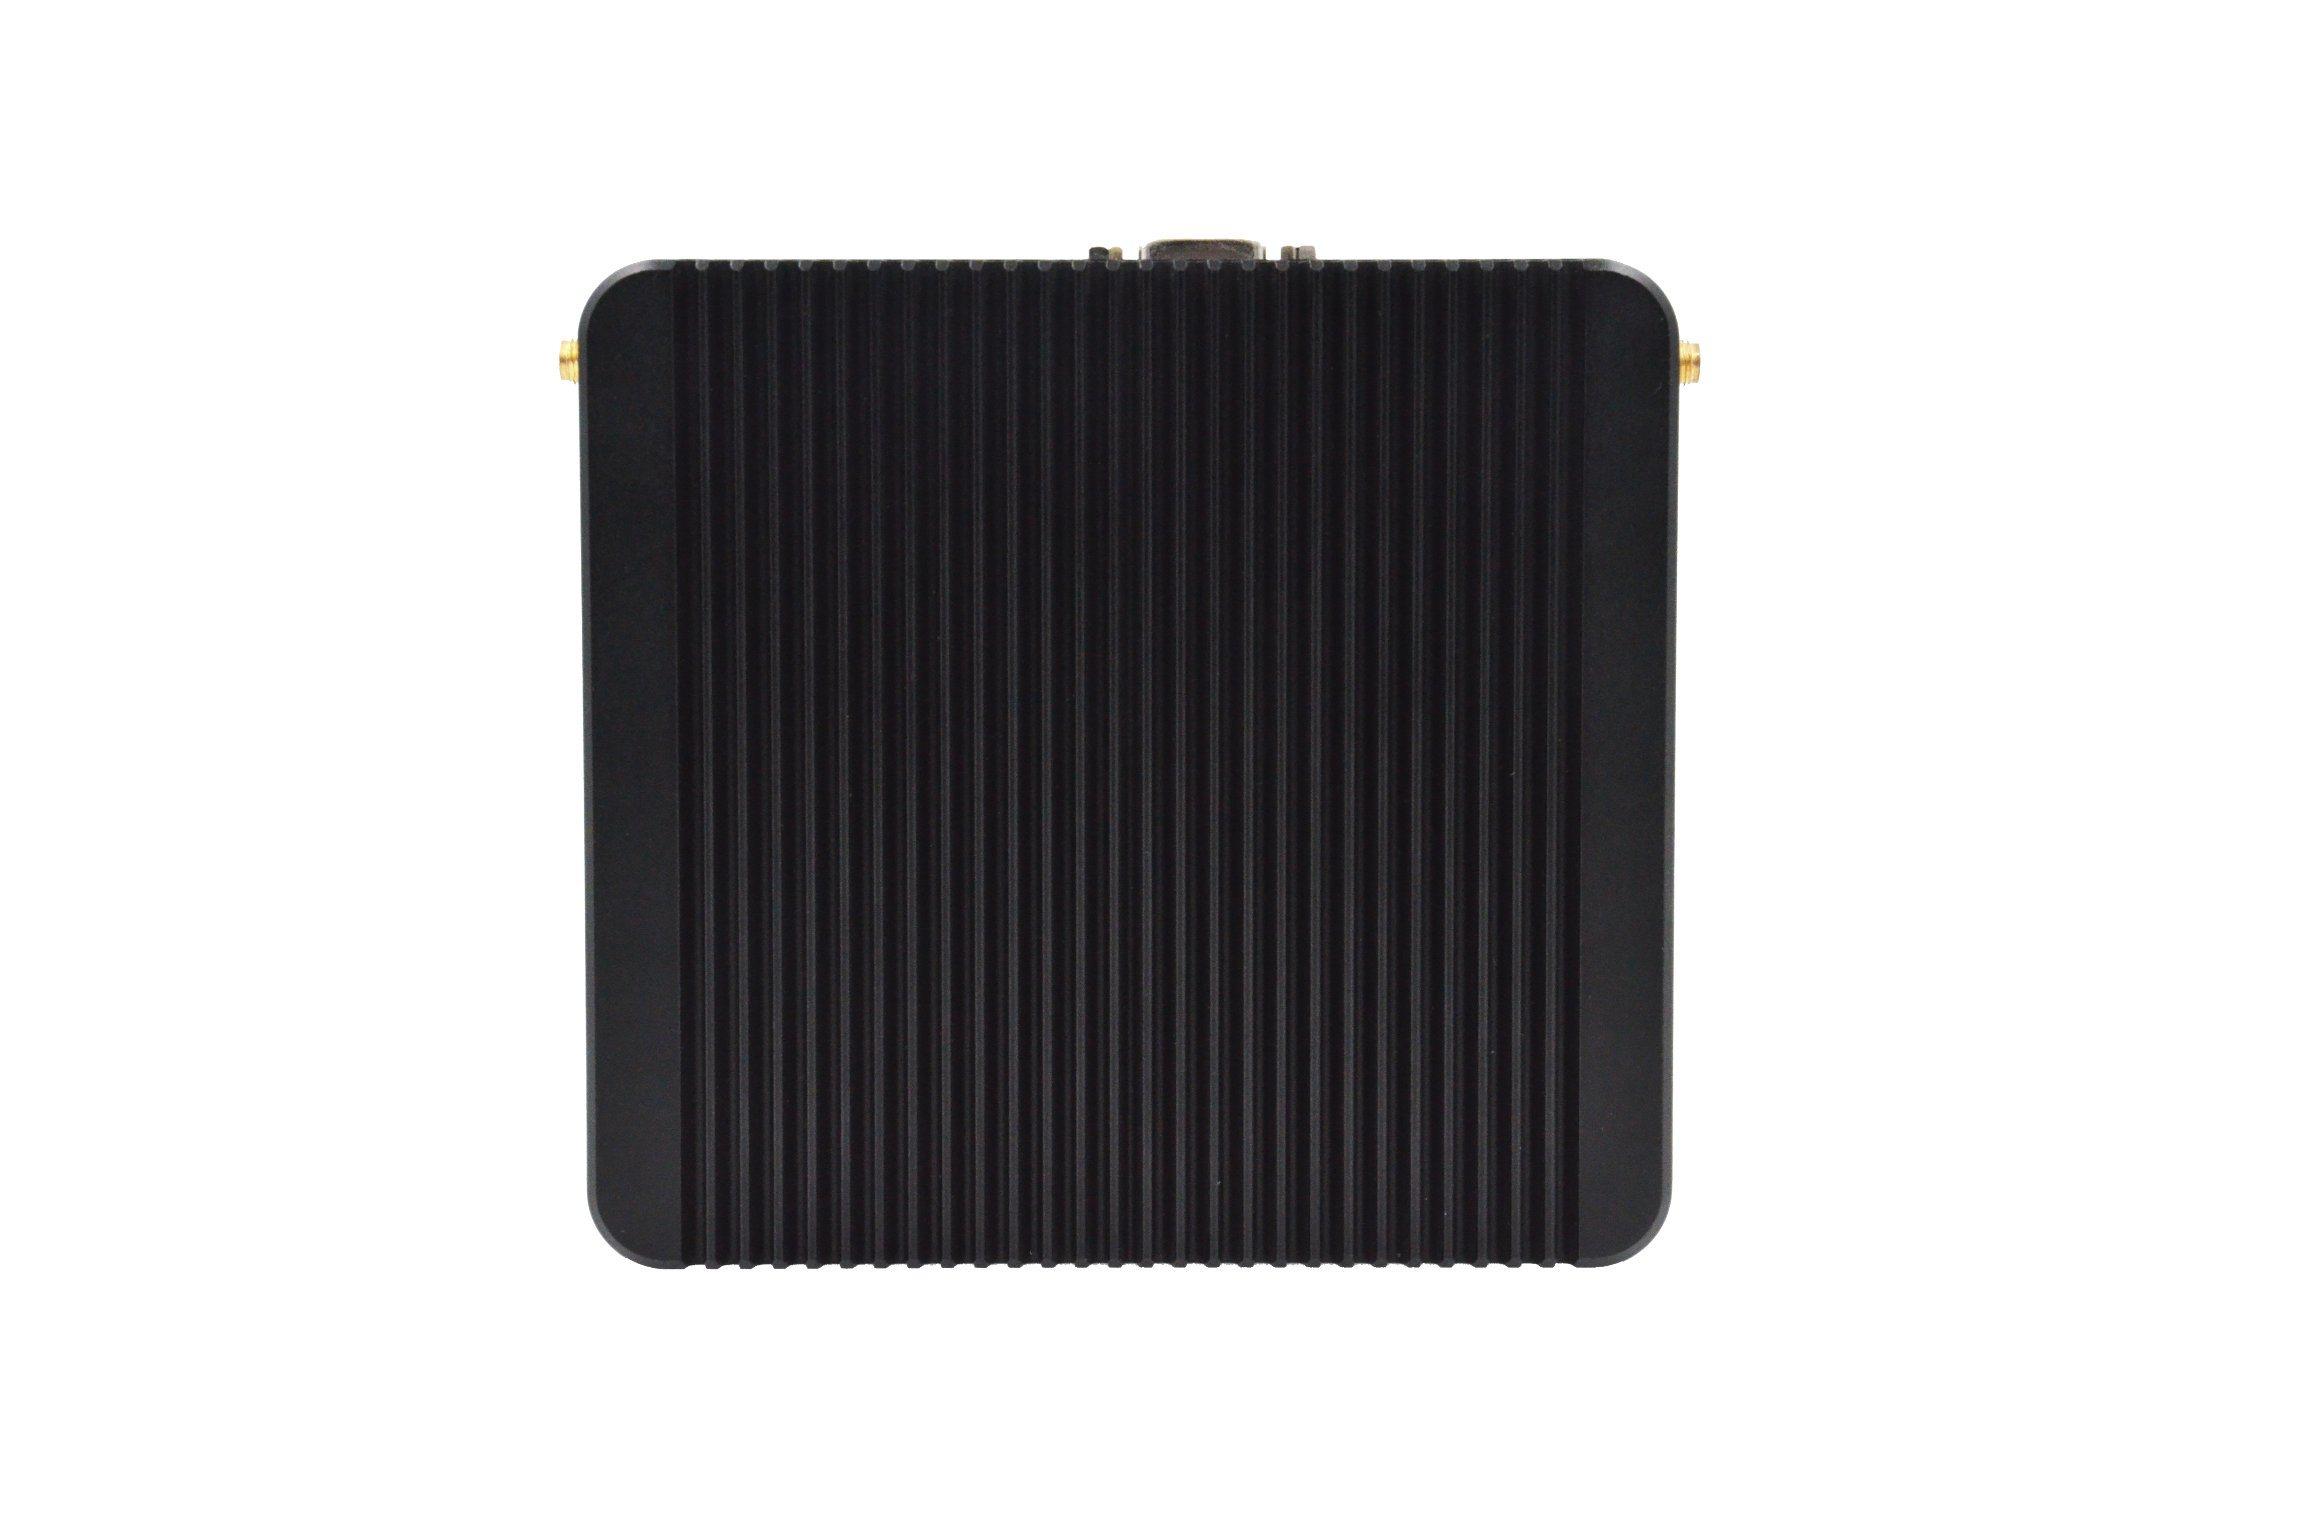 Intel Bay Trail J1900 Quad-Core Four Threads High End Portable Mini PC (S6620A)